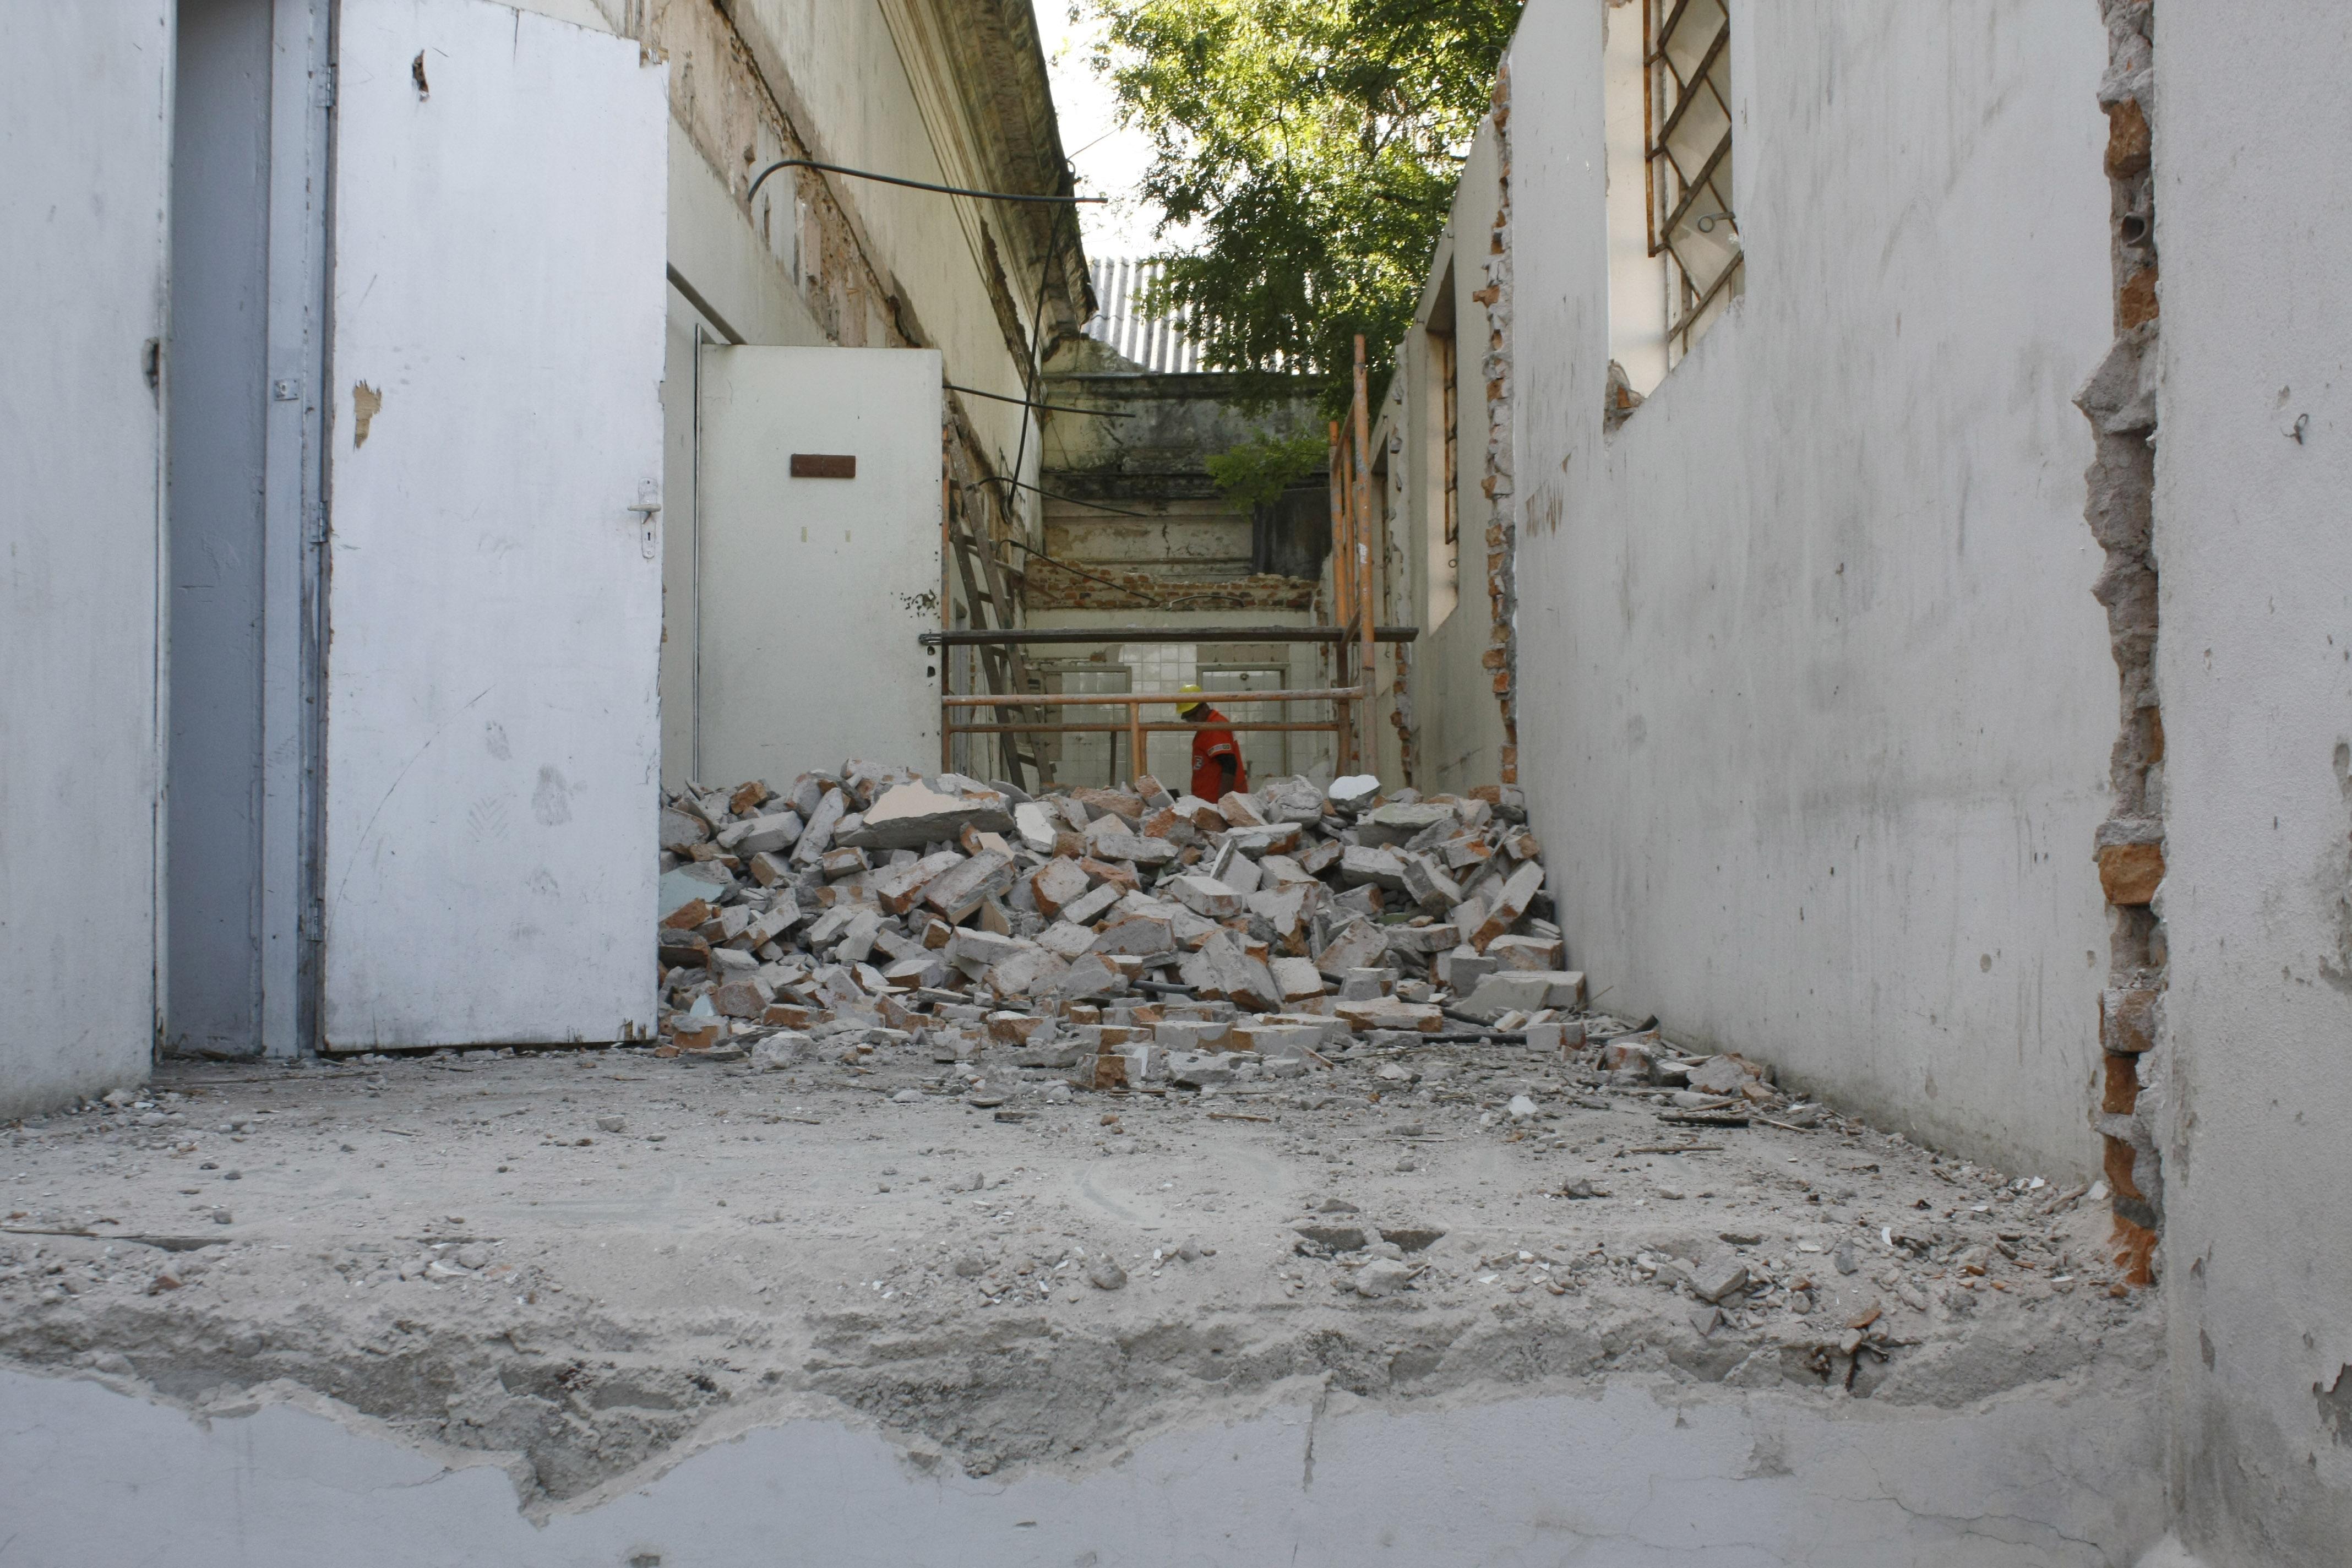 Psiquiátrico São Pedro é reformado pela Secretaria de Obras #5D4C39 4272x2848 Banheiro Antigo Reformado